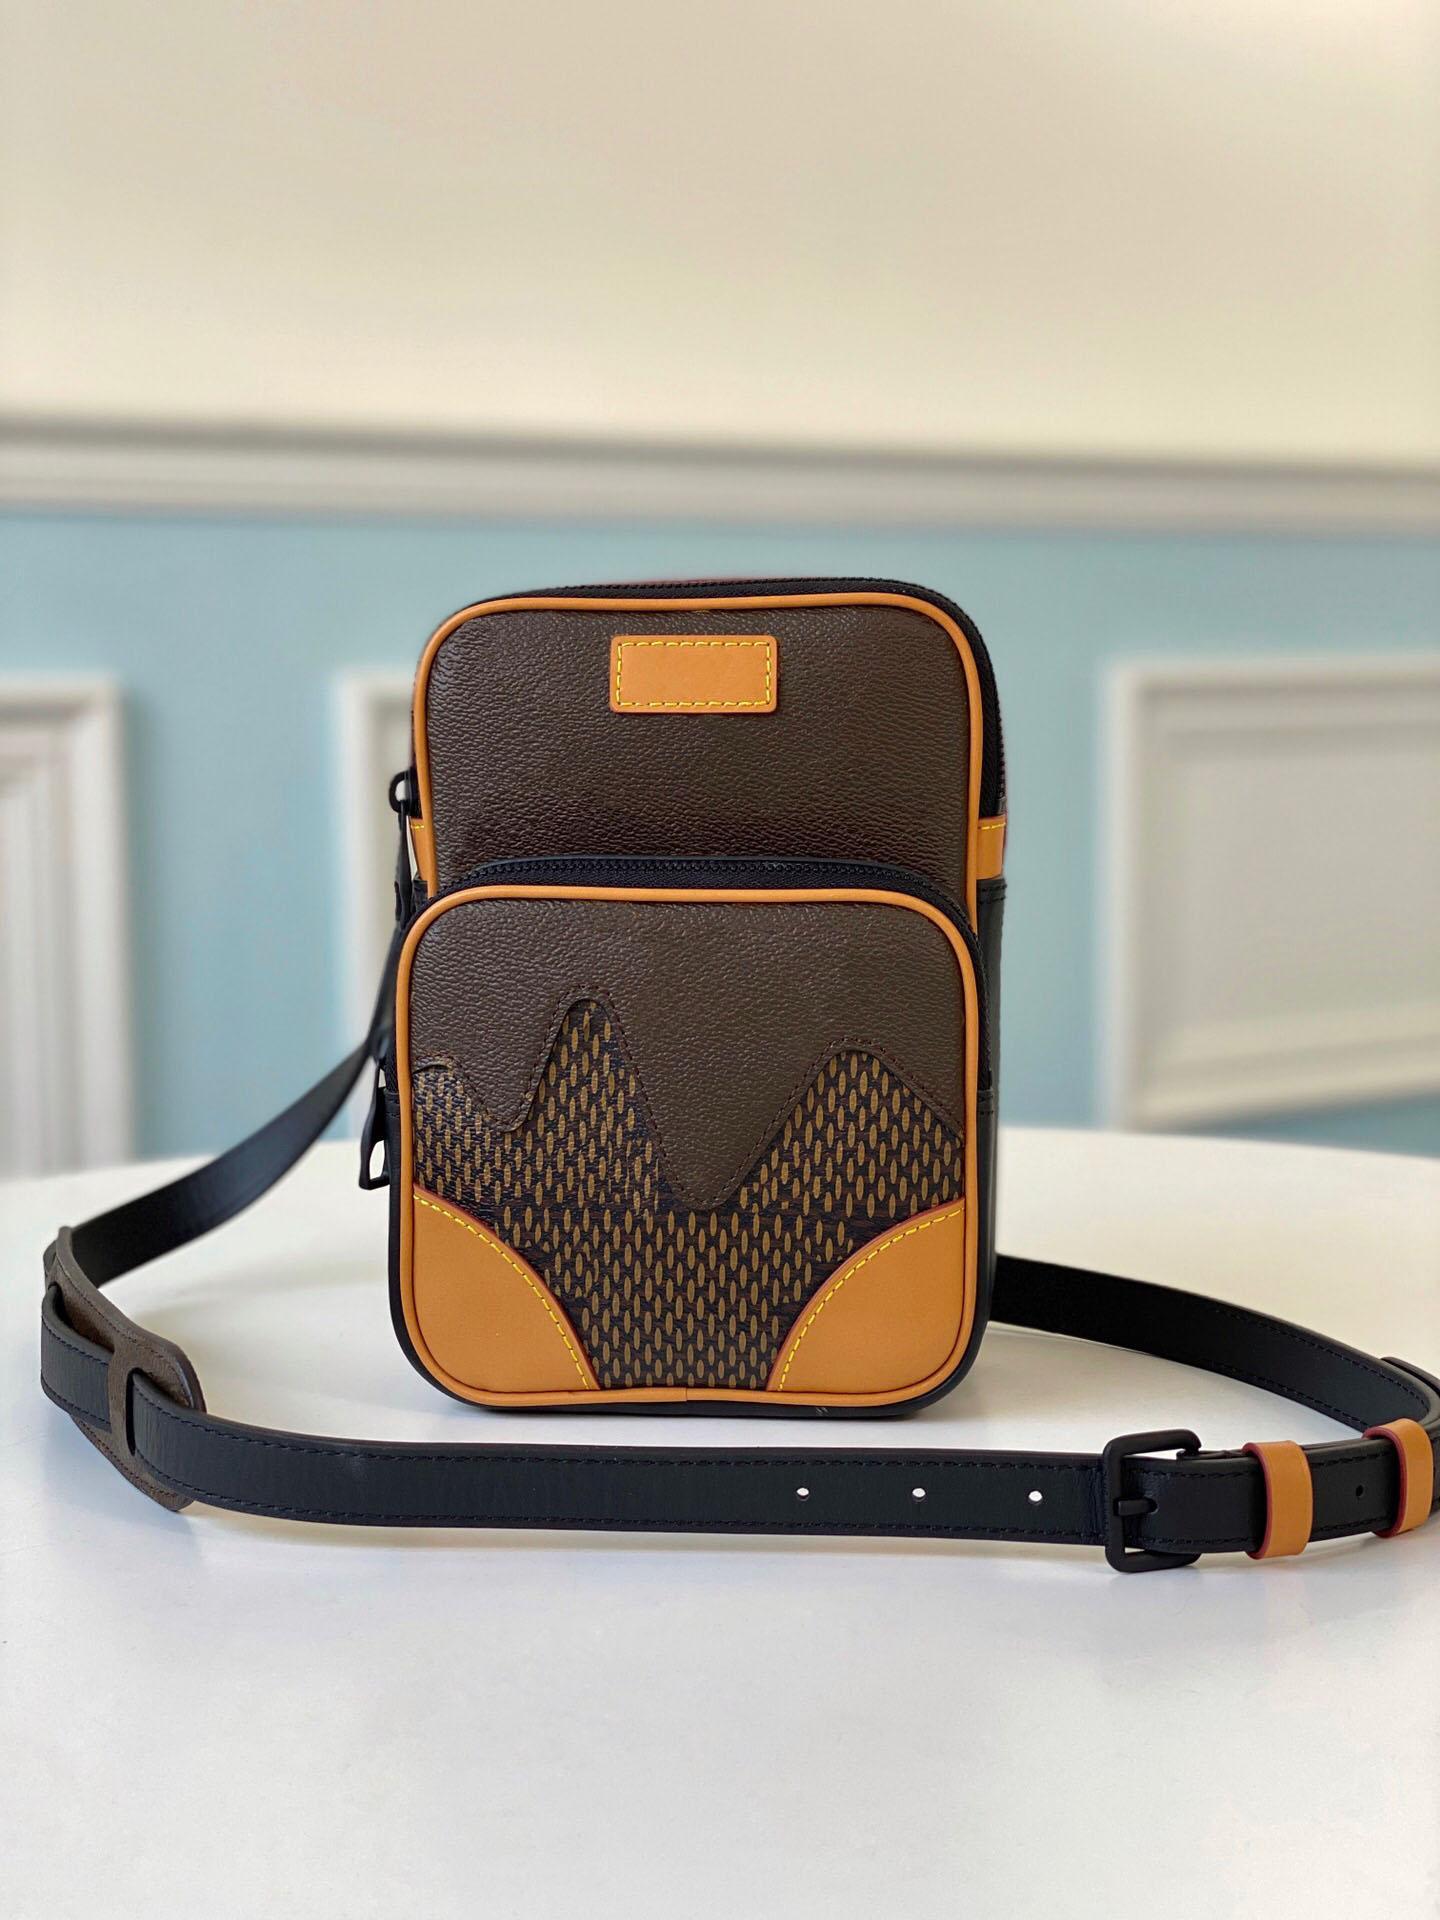 Crossbody Сумка Сумки Женщины с сундук мужские талии Браун с коробкой холст ремня роскоши роскоши желтые дизайнеры сумки мужские кожаные сумки мода 134 lrxux